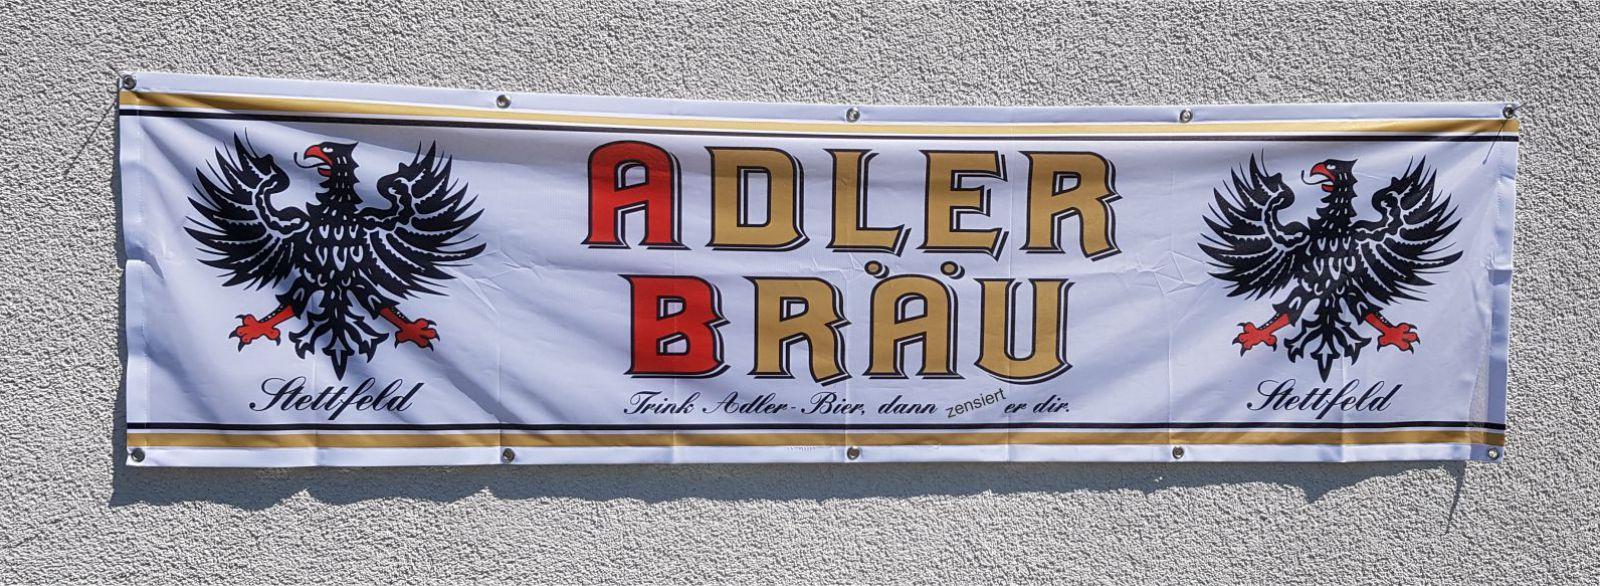 Raithel Werbetechnik und Textildruck - Adler Bräu - Stettfeld - Fahnenstoff - Banner